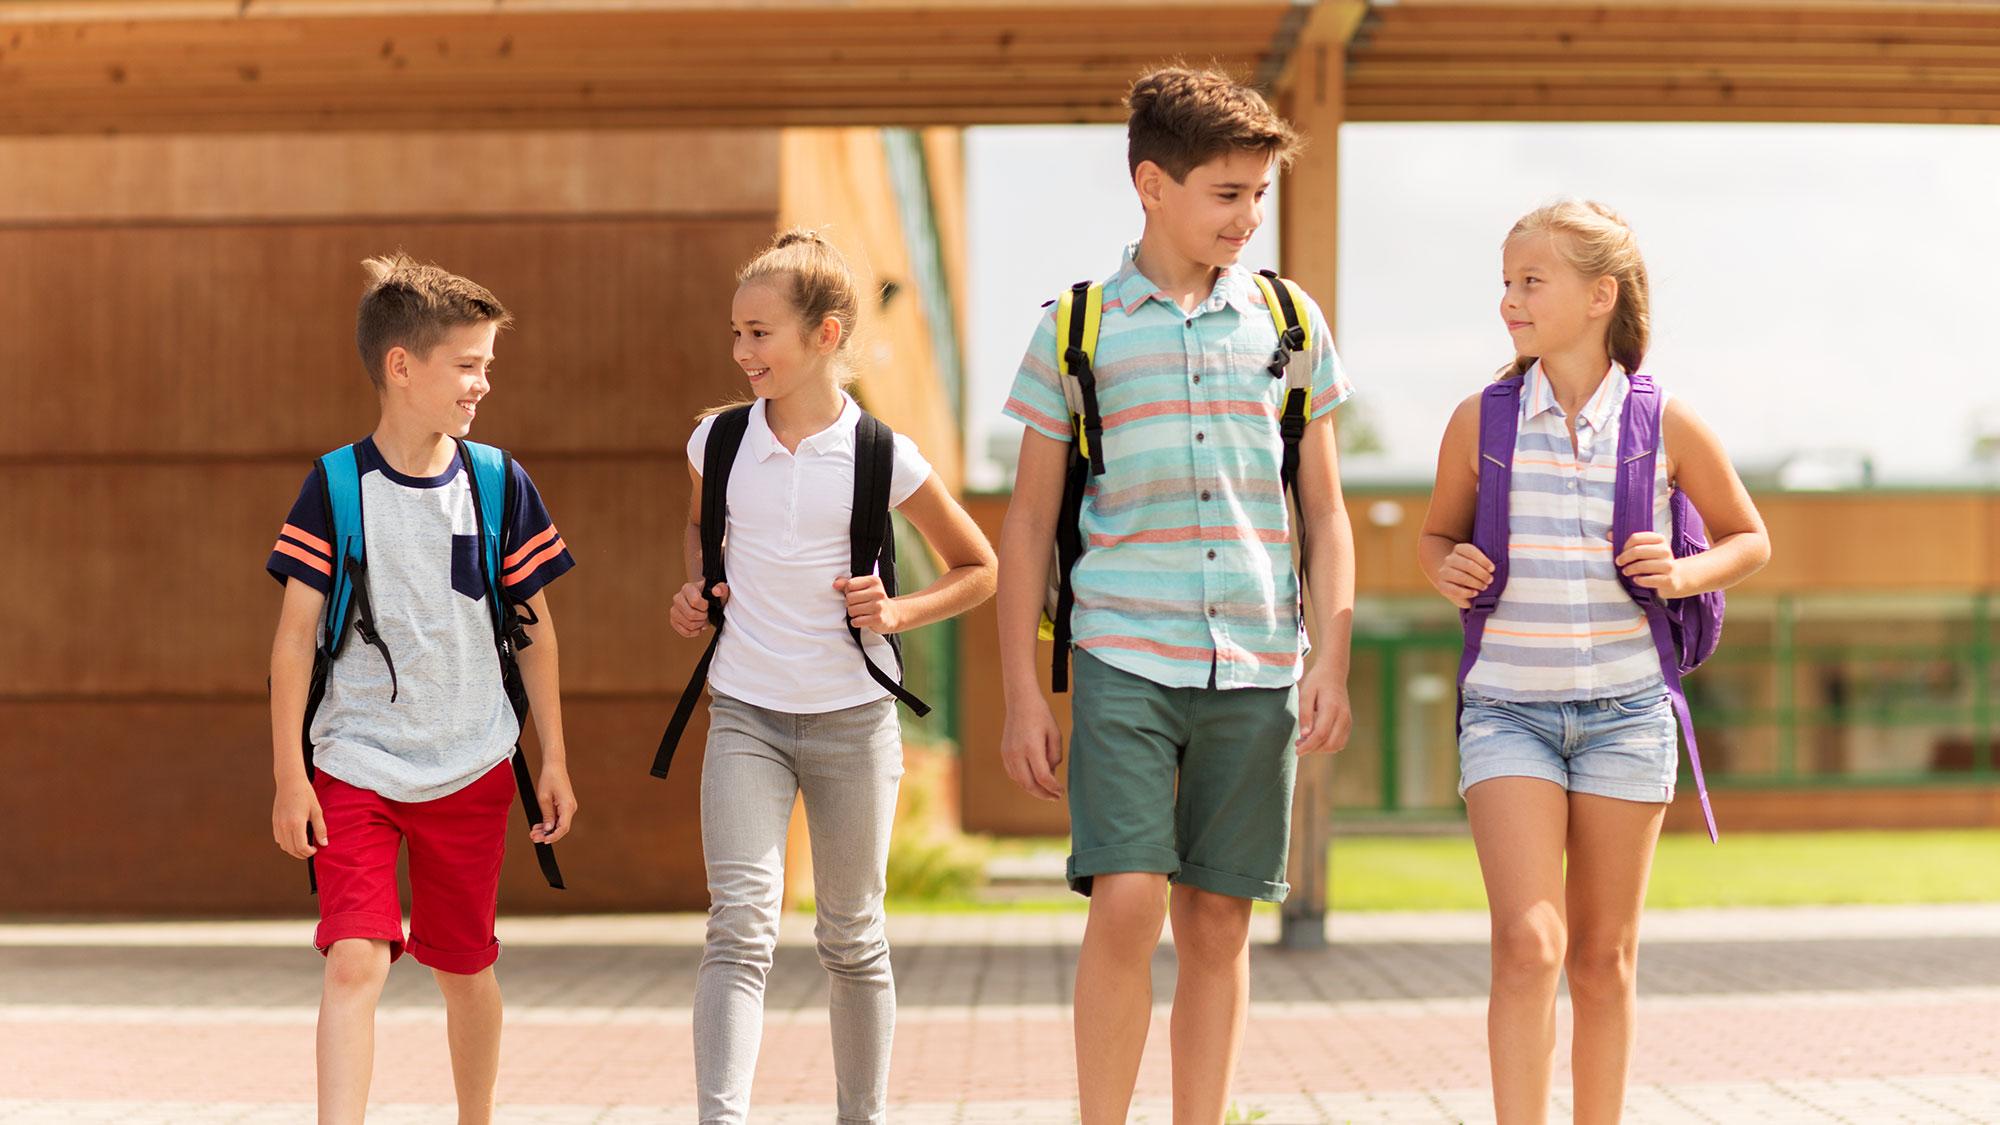 Patru adolescenti conversand in limba engleza